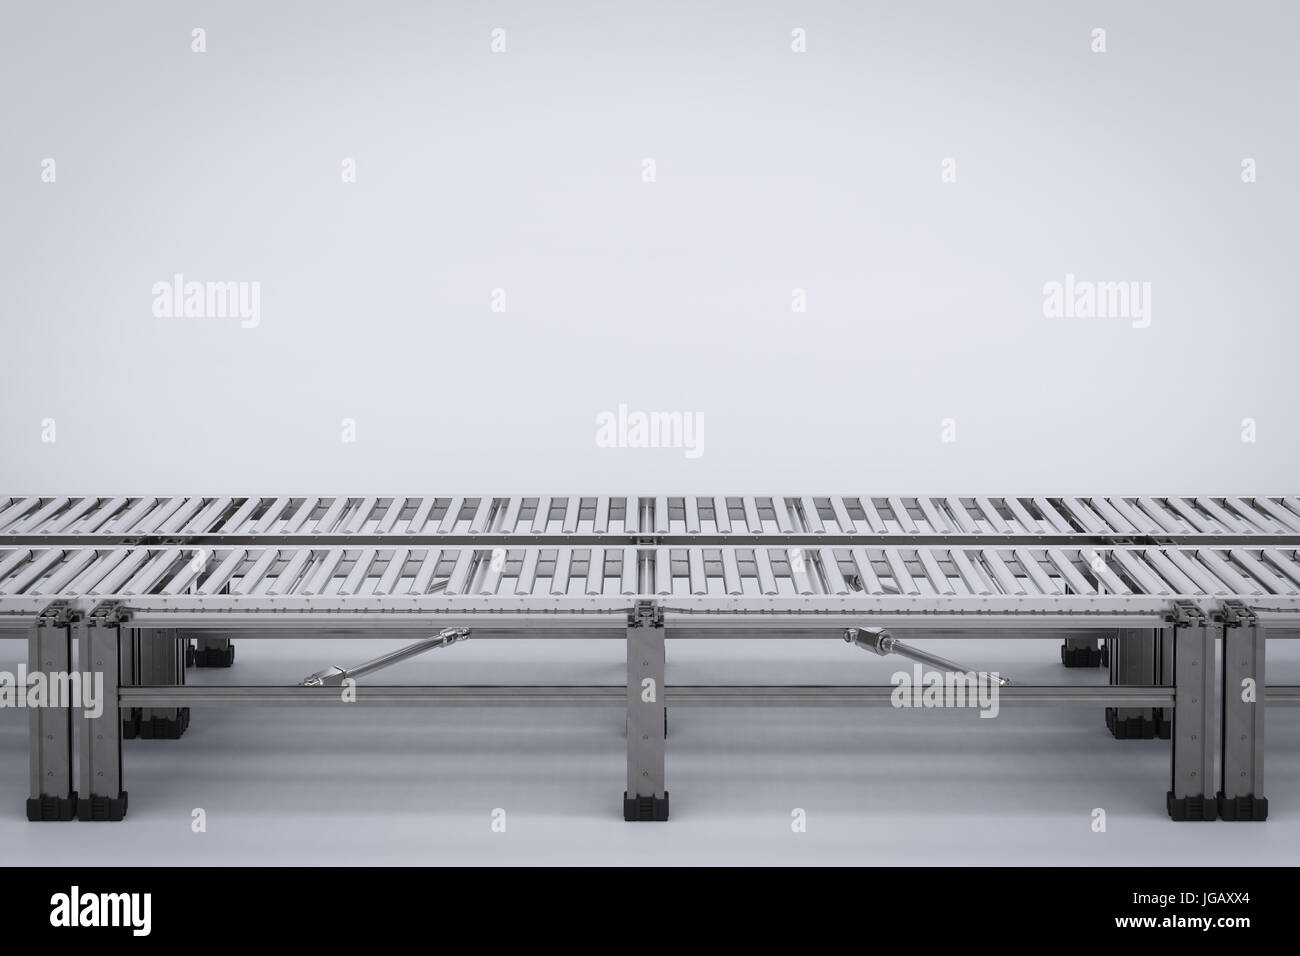 3d rendering empty conveyor belt - Stock Image